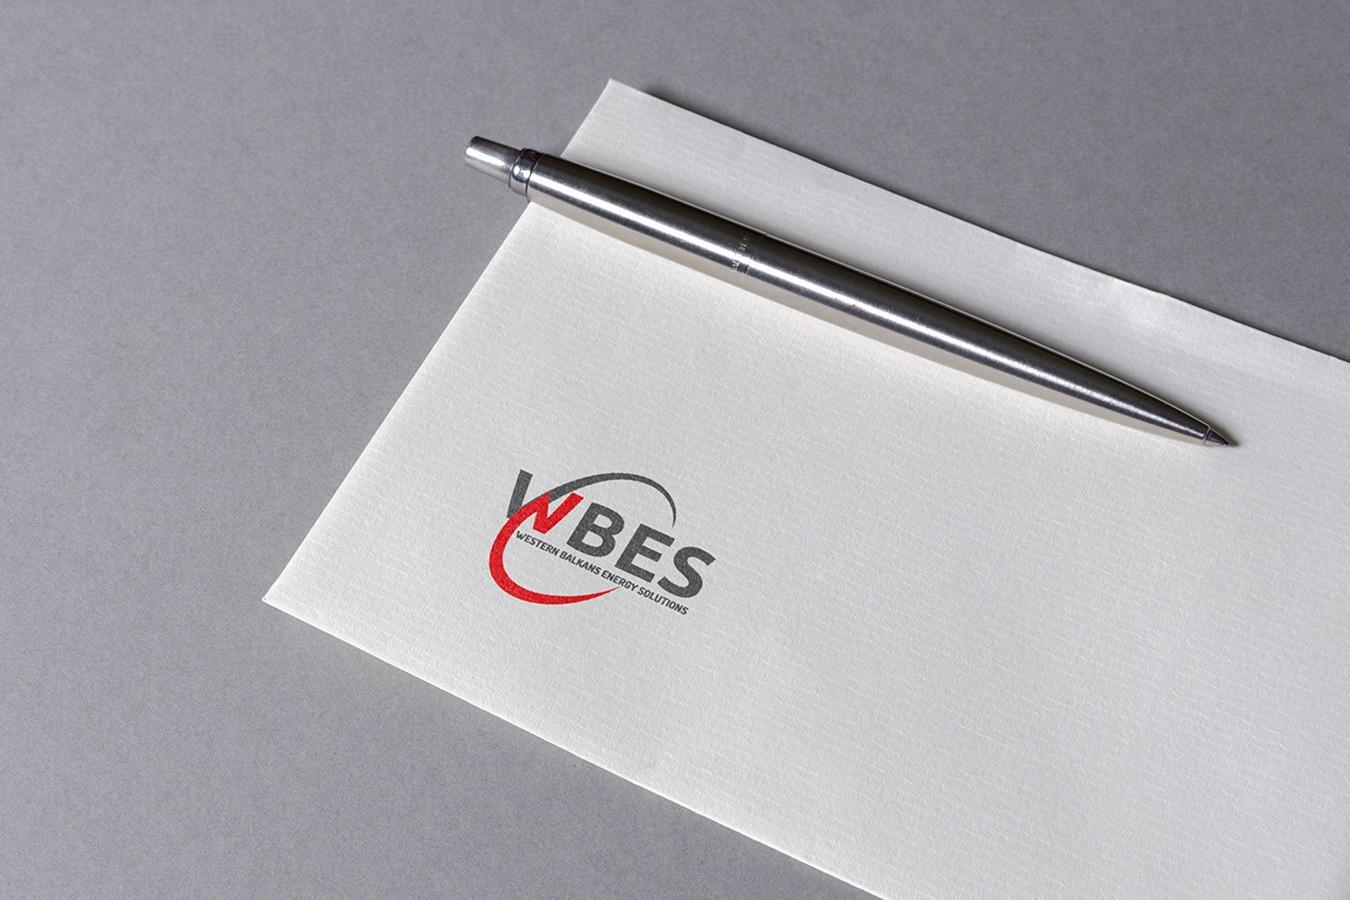 Izrada dizajna logotipa za WBES